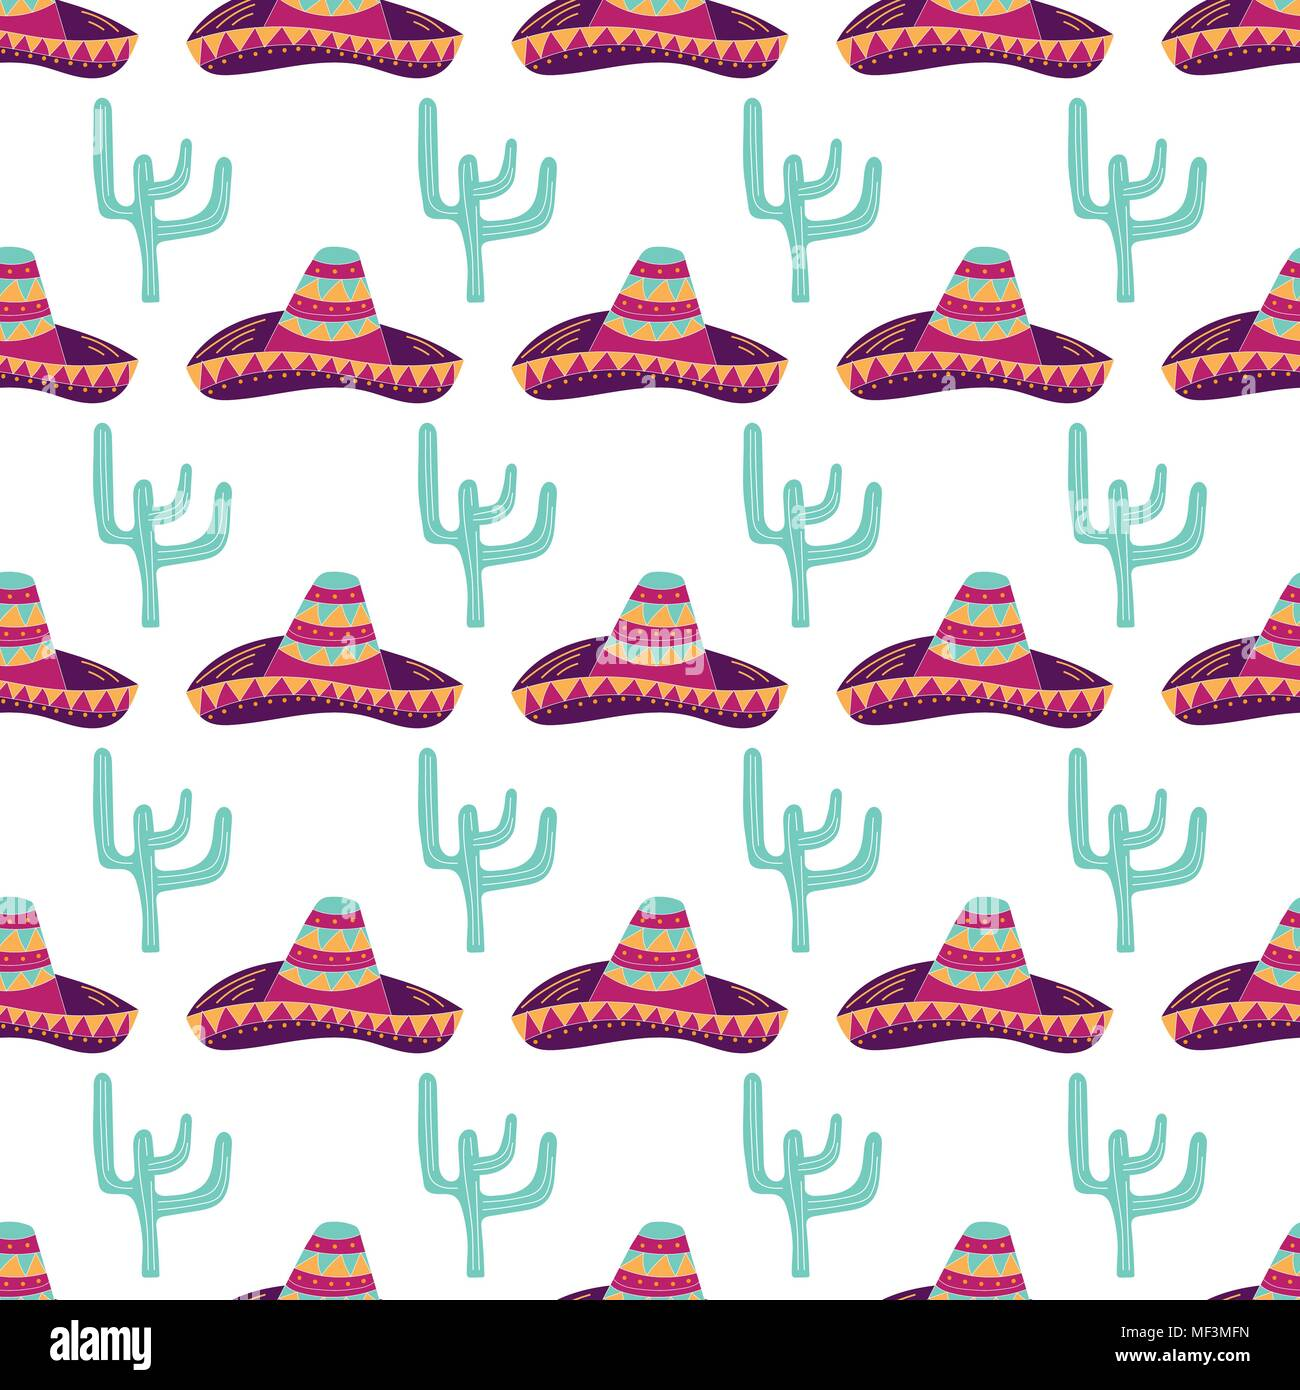 Encantador El Modelo De Costura Del Sombrero Ideas - Manta de Tejer ...